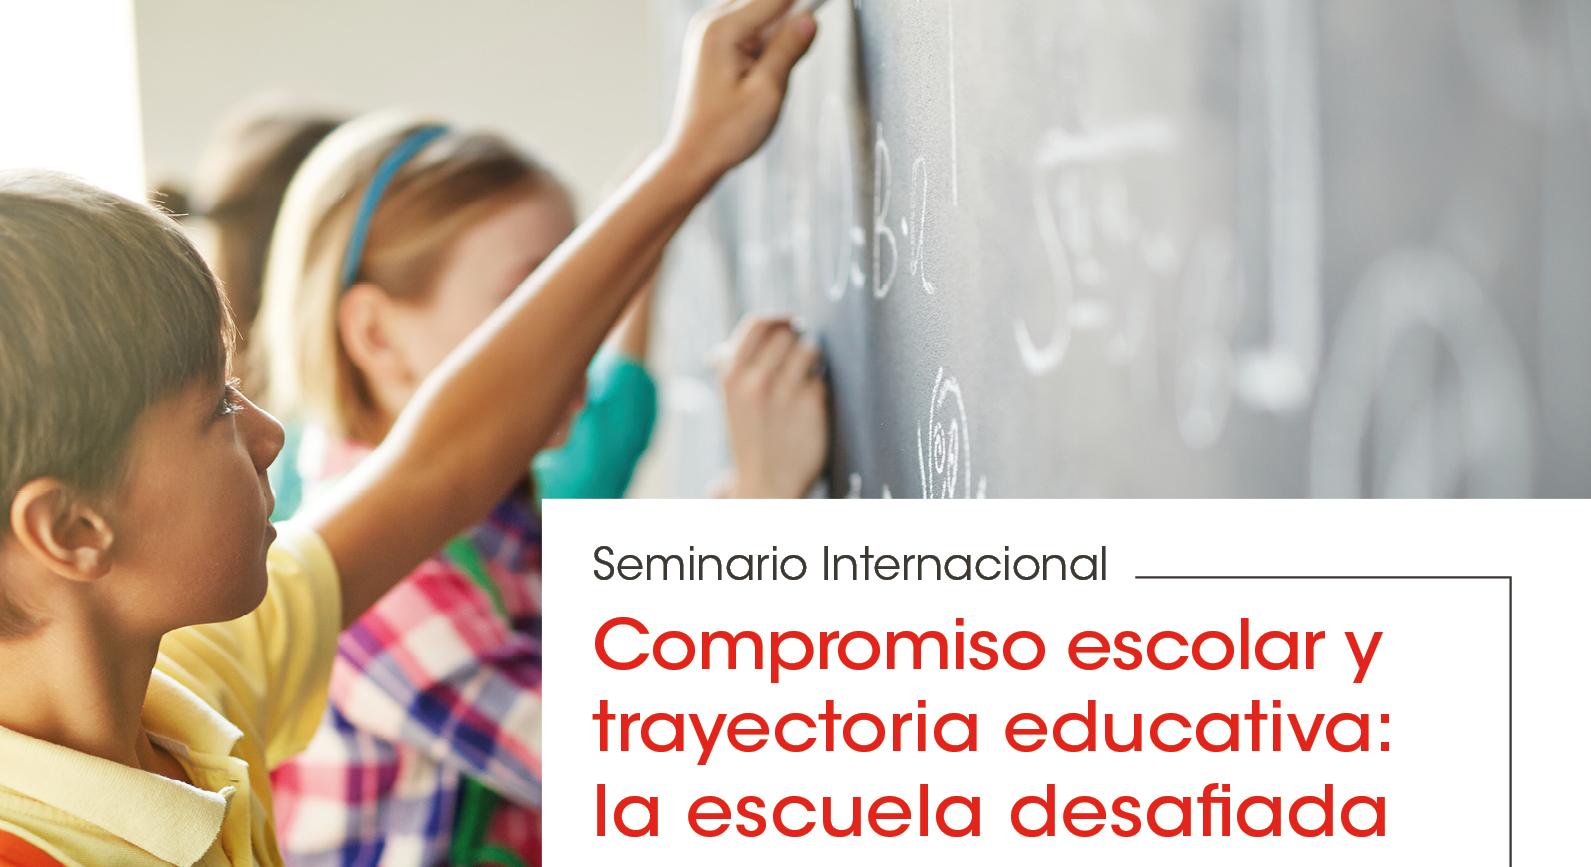 Compromiso escolar y trayectorias educativas